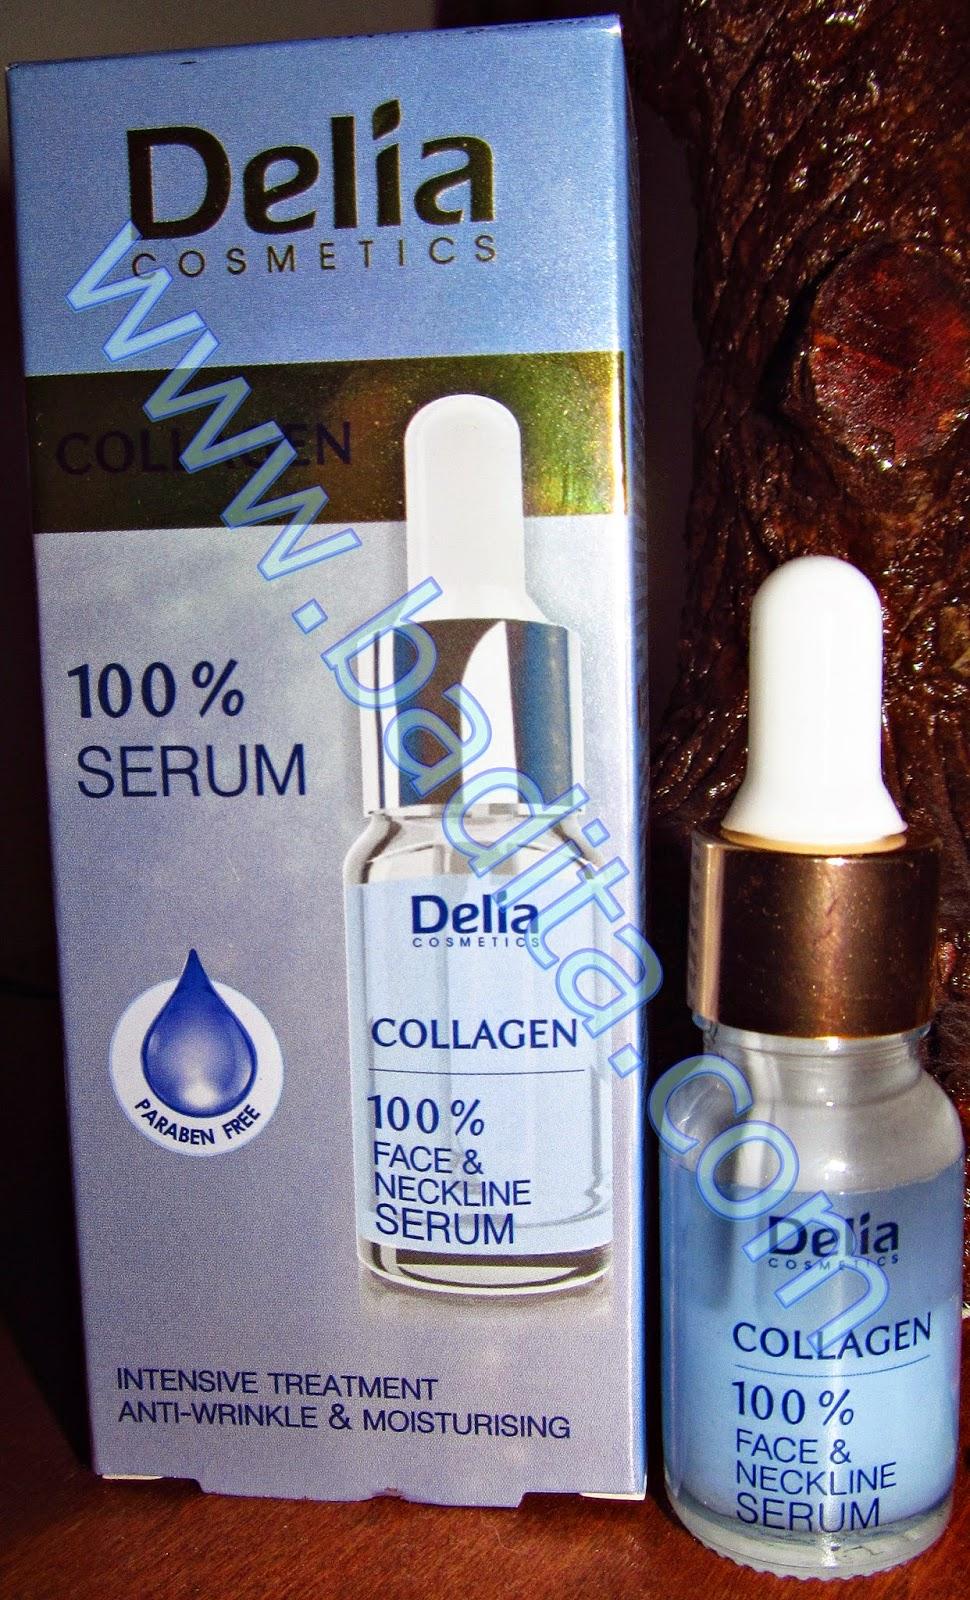 Colagen 100% Serum pentru fata, gat si decolteu Delia Cosmetics Review - secretul tineretii pielii